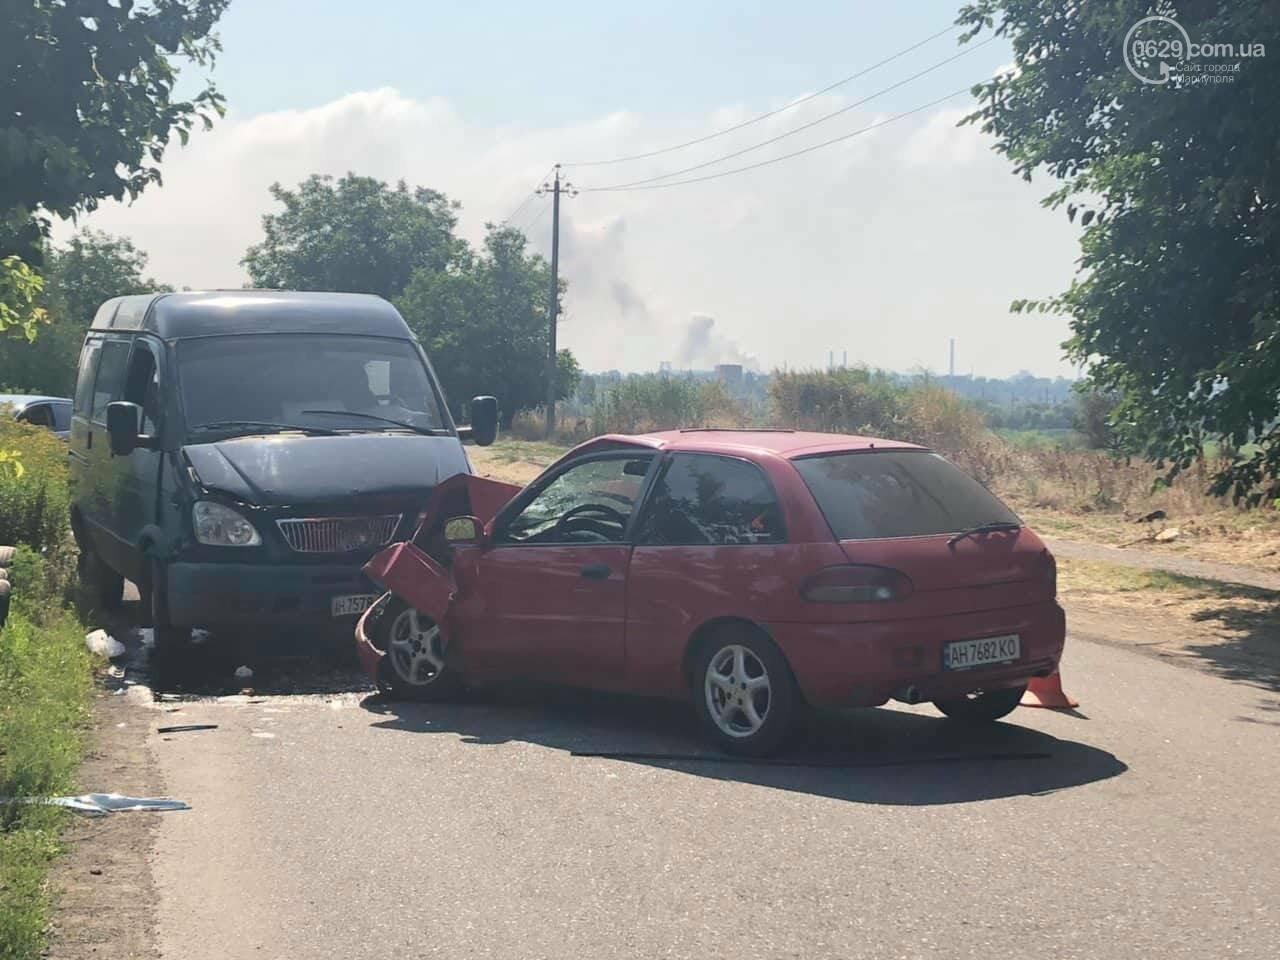 В Мариуполе Mitsubishi столкнулась с Газелью. Пострадал мужчина, - ФОТО, фото-2